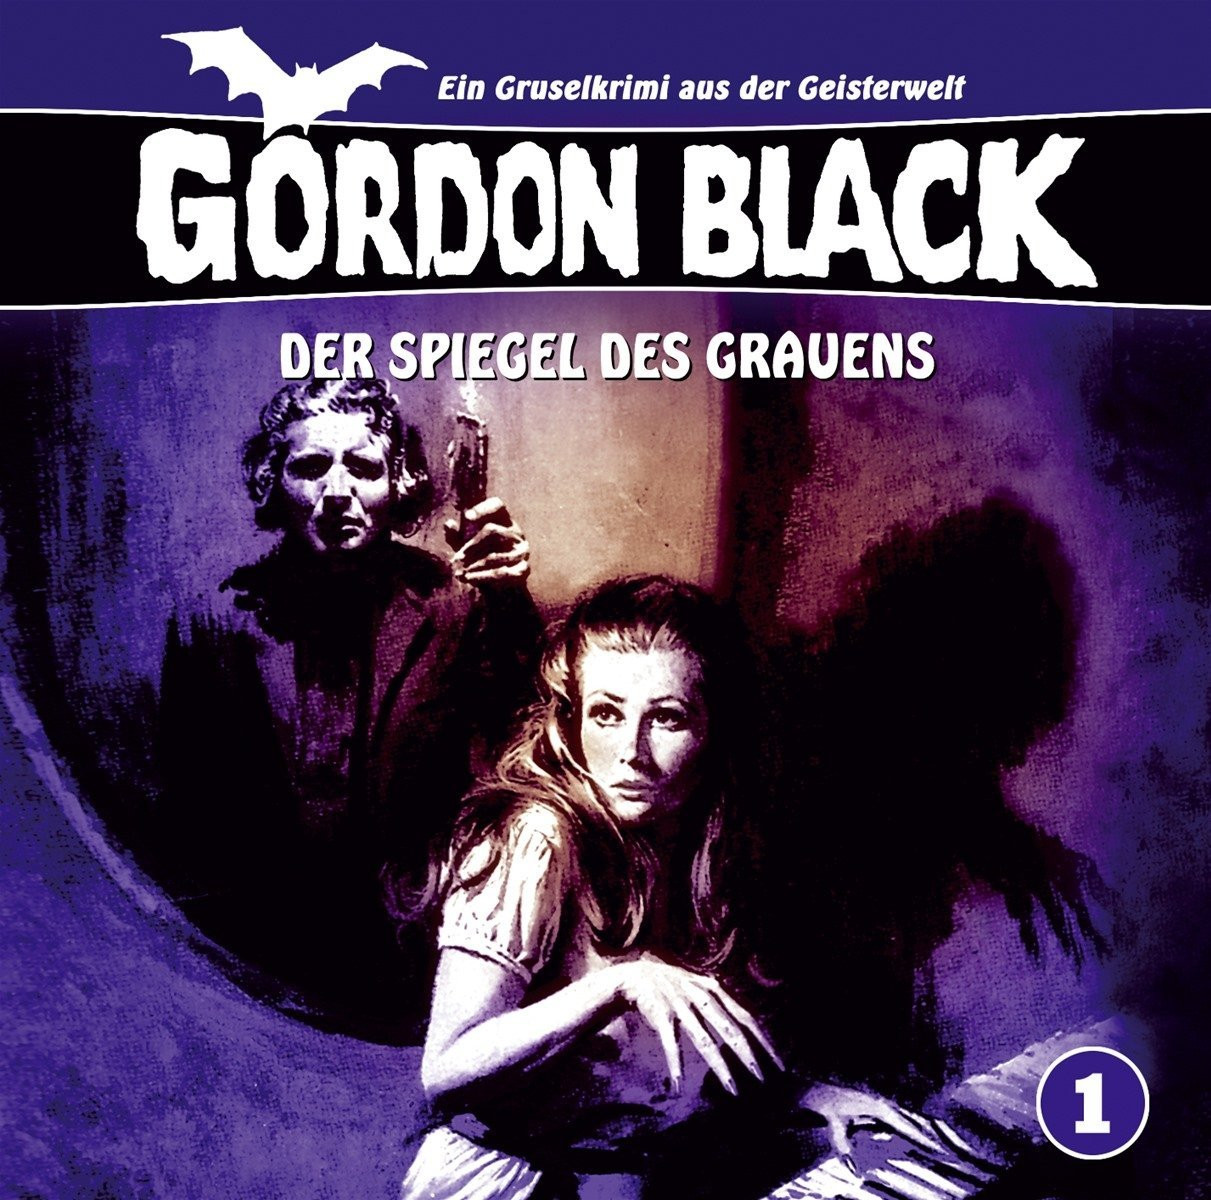 Gordon Black - Folge 1: Der Spiegel des Grauens